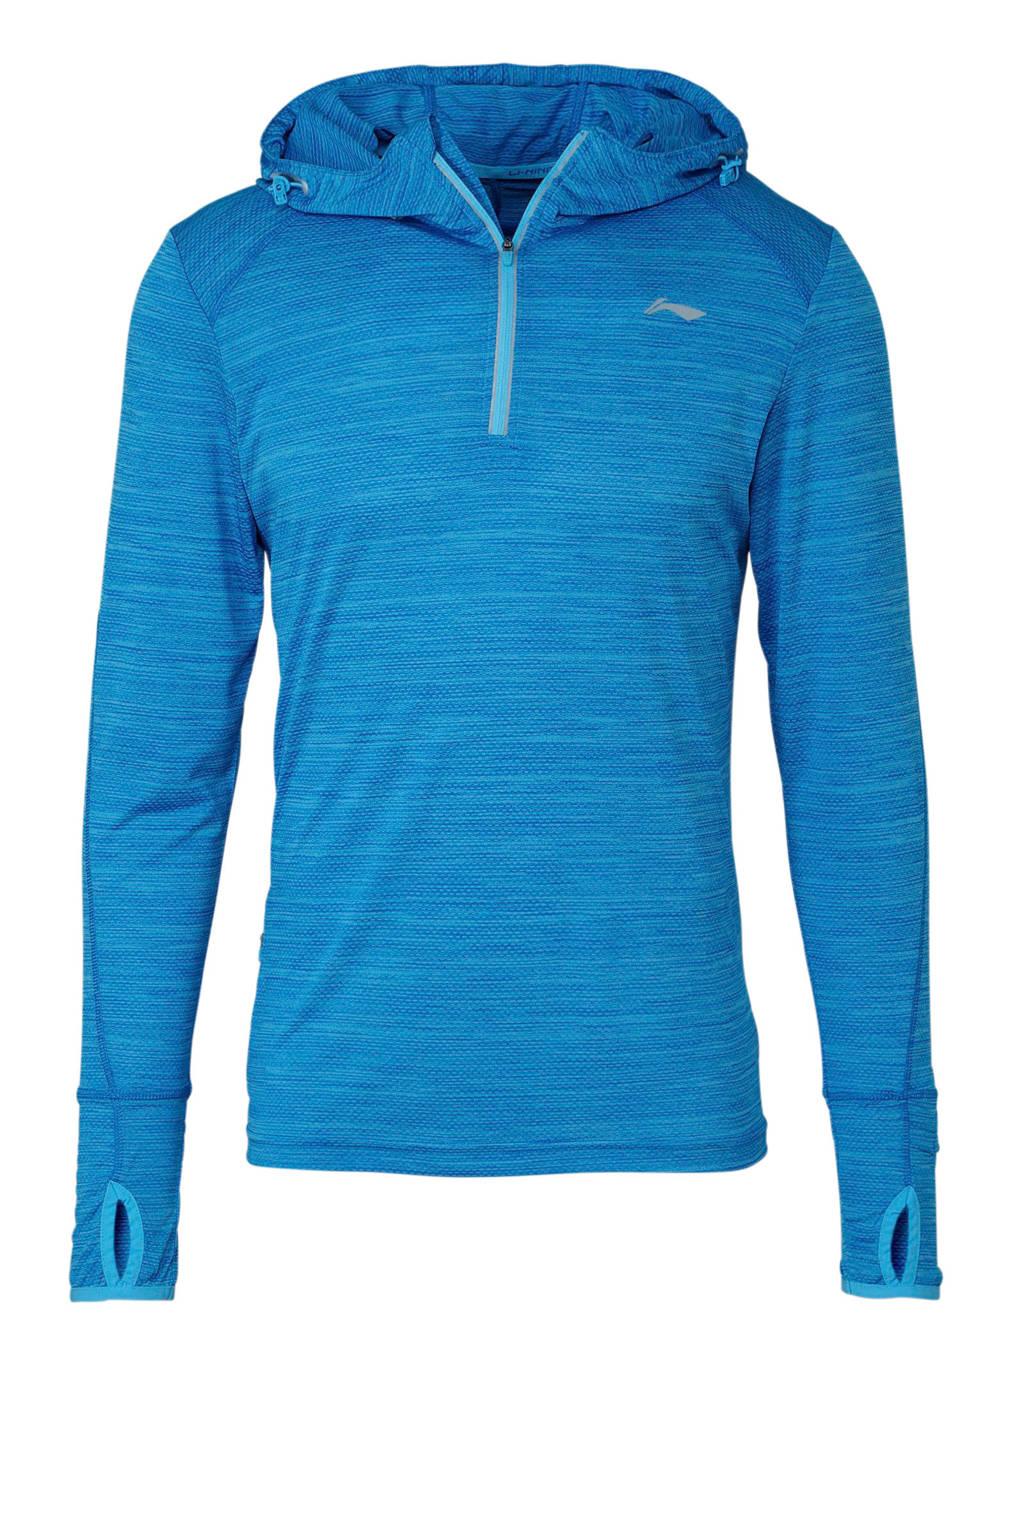 Li-Ning   hardloop T-shirt blauw, Blauw